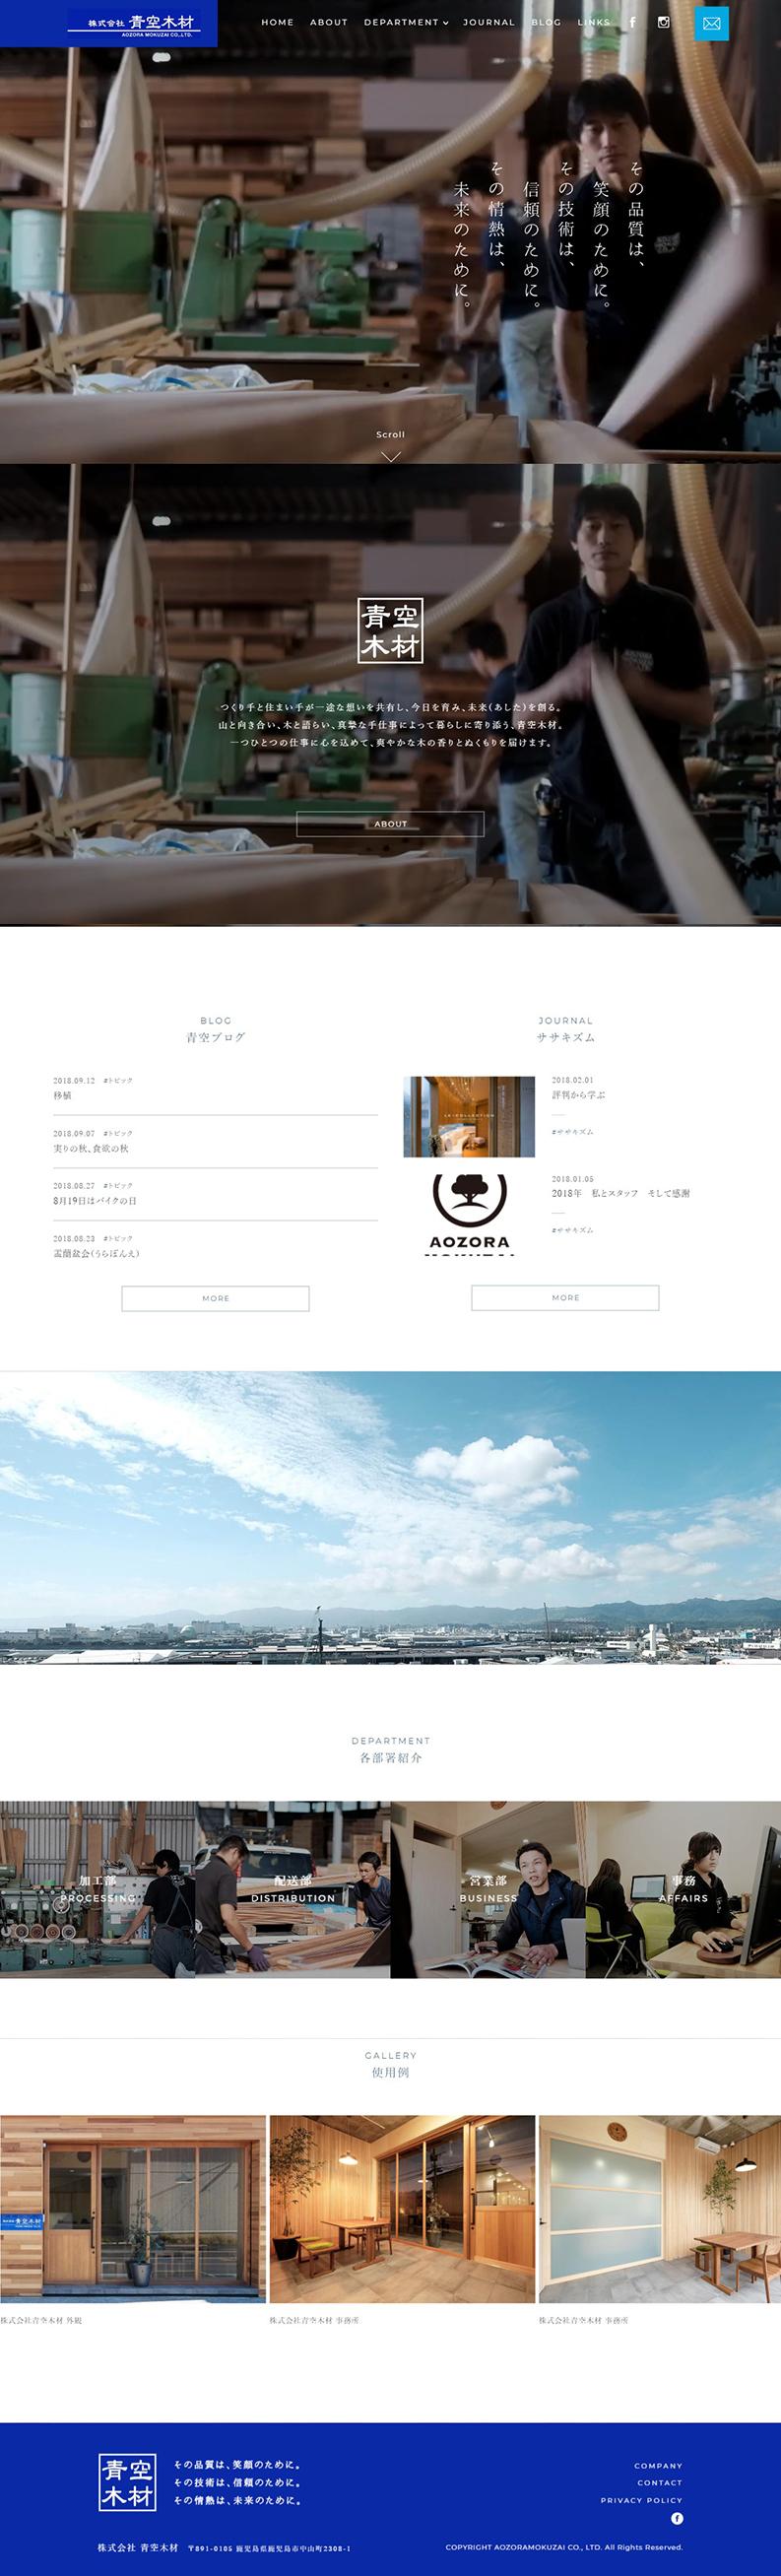 株式会社 青空木材PC版イメージ